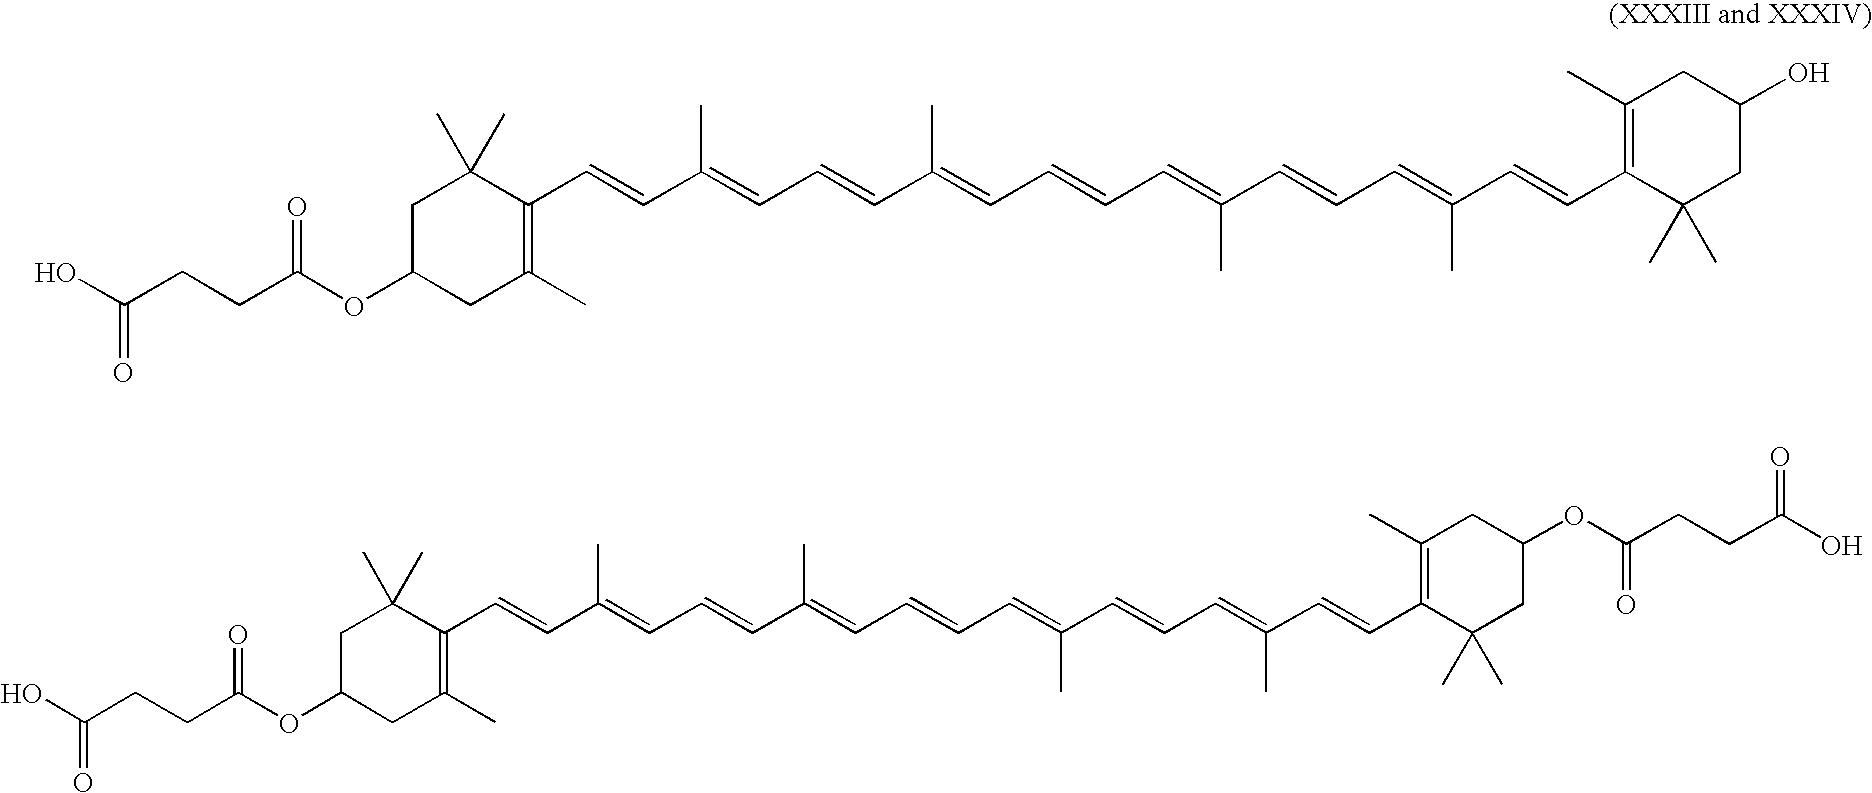 Figure US20050075337A1-20050407-C00067